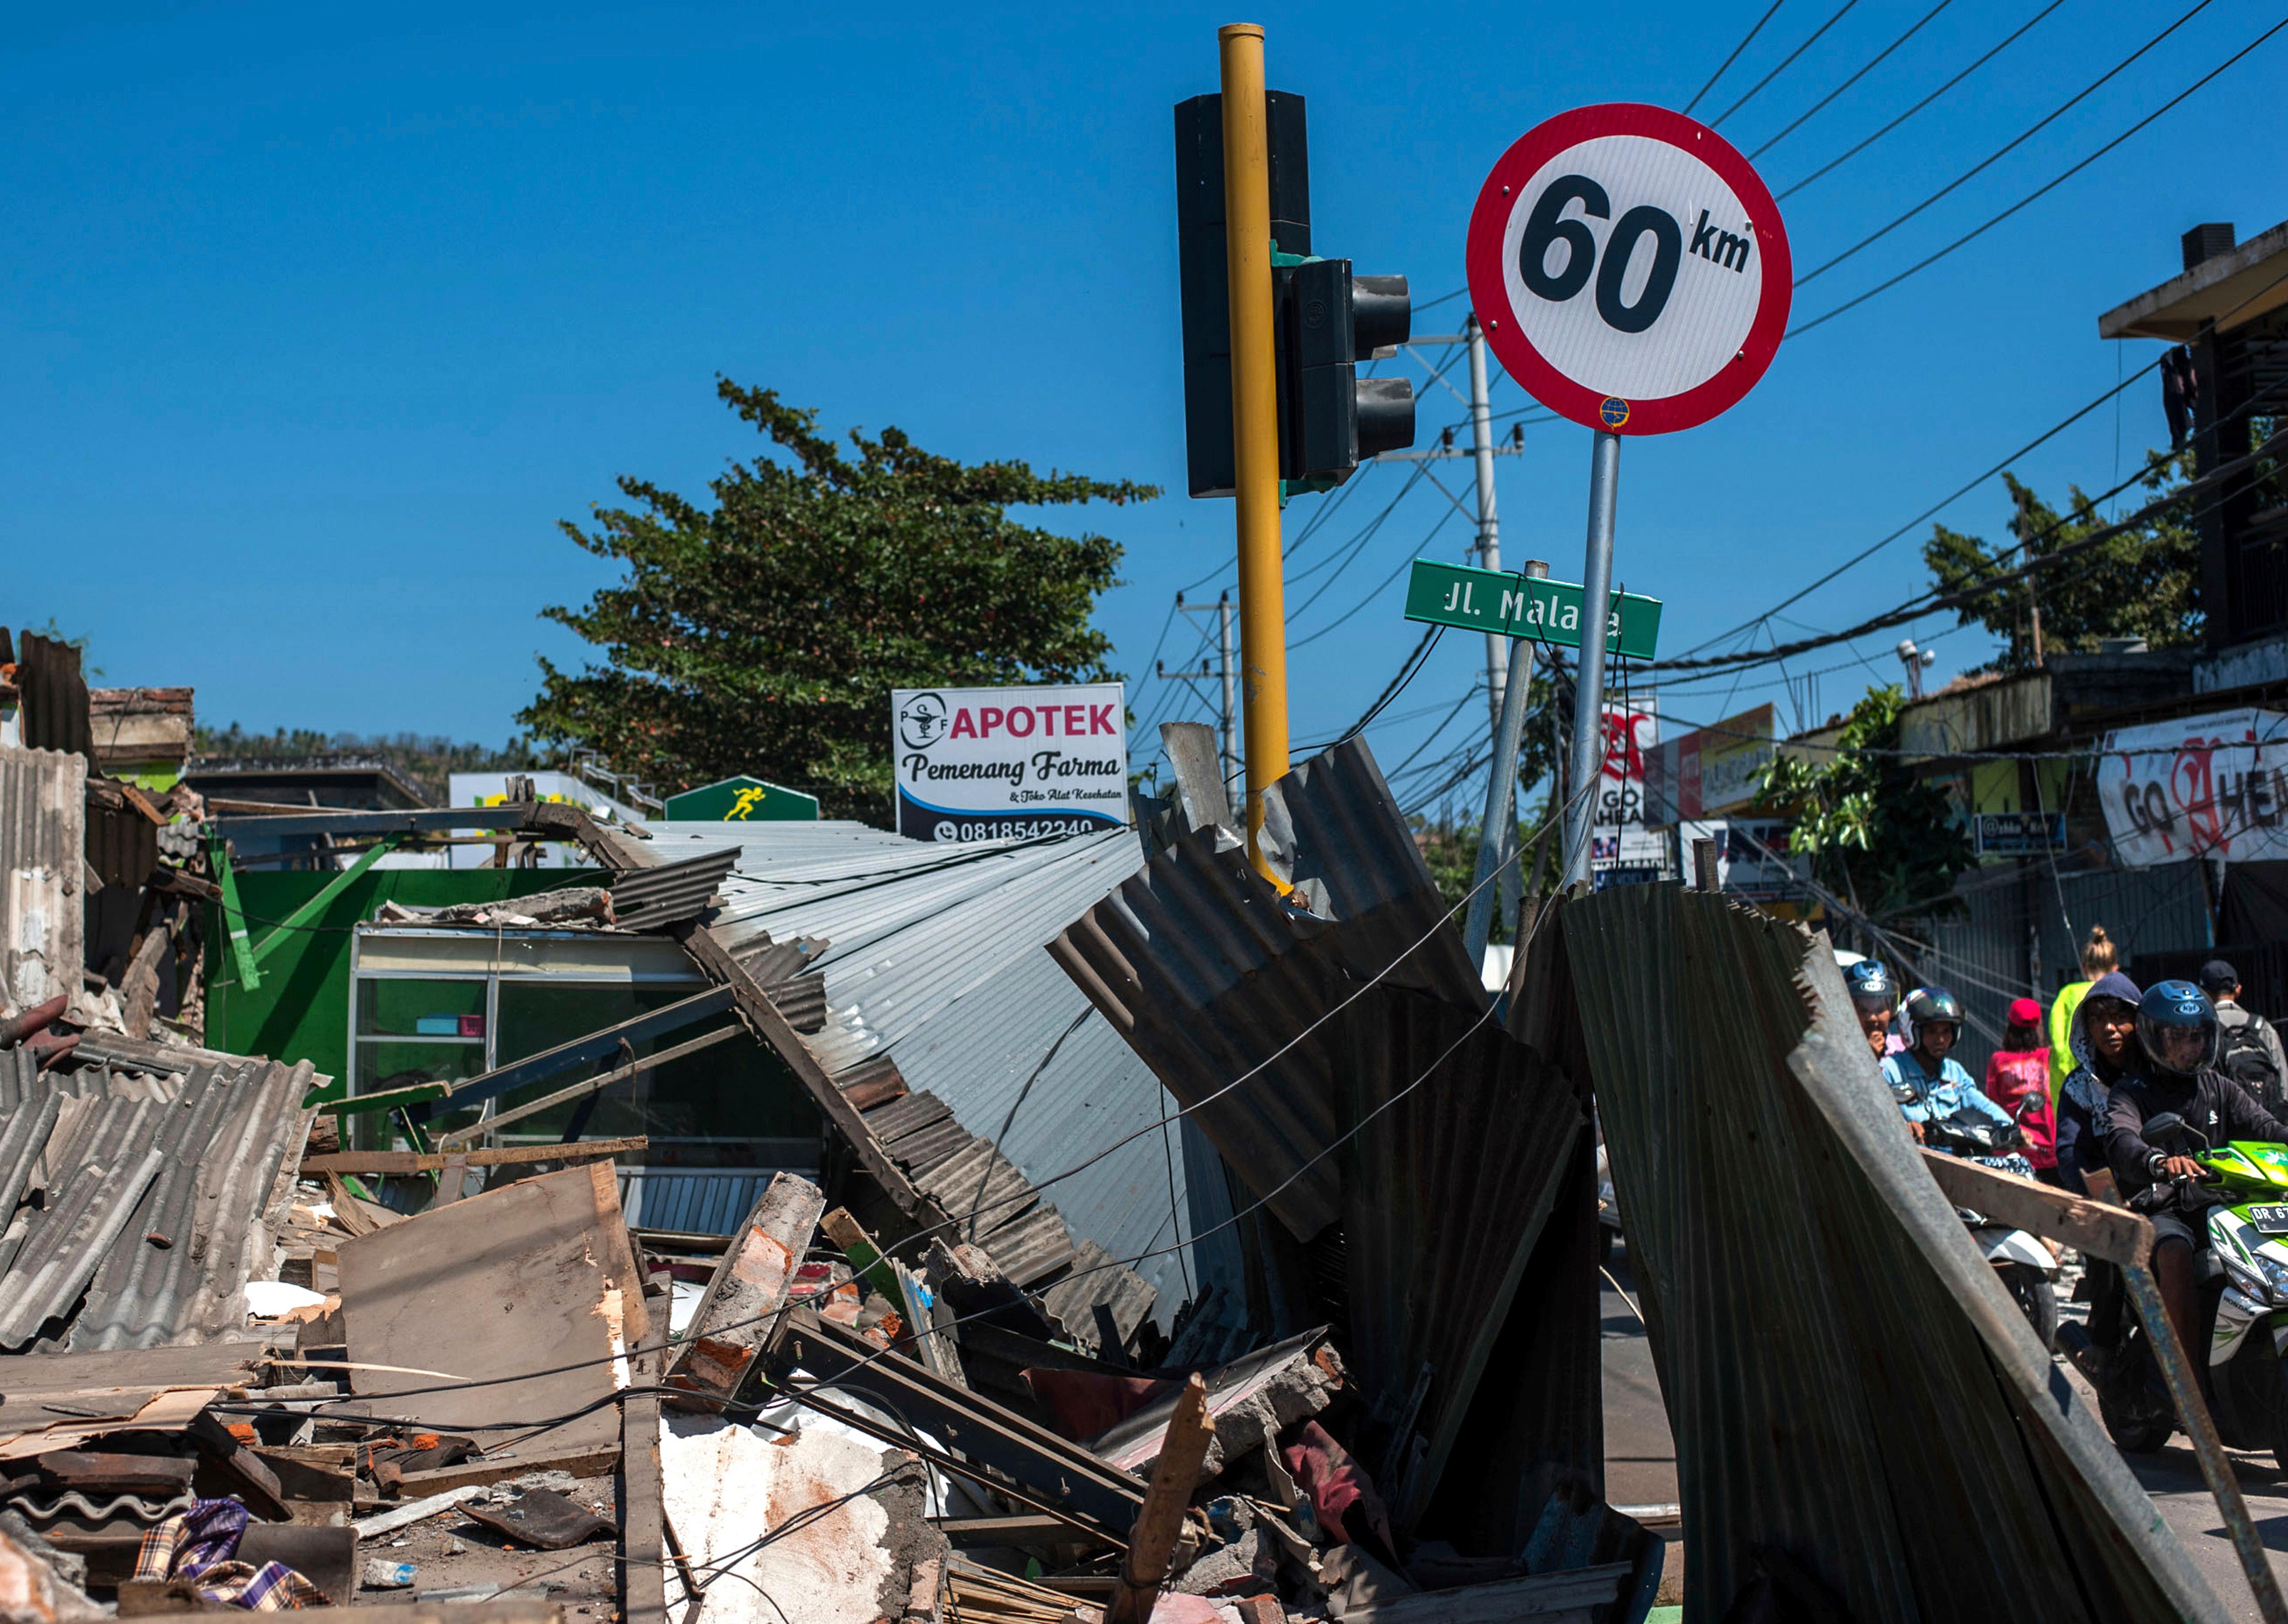 Indonesia issues tsunami warning after 7.0 quake hits Bali